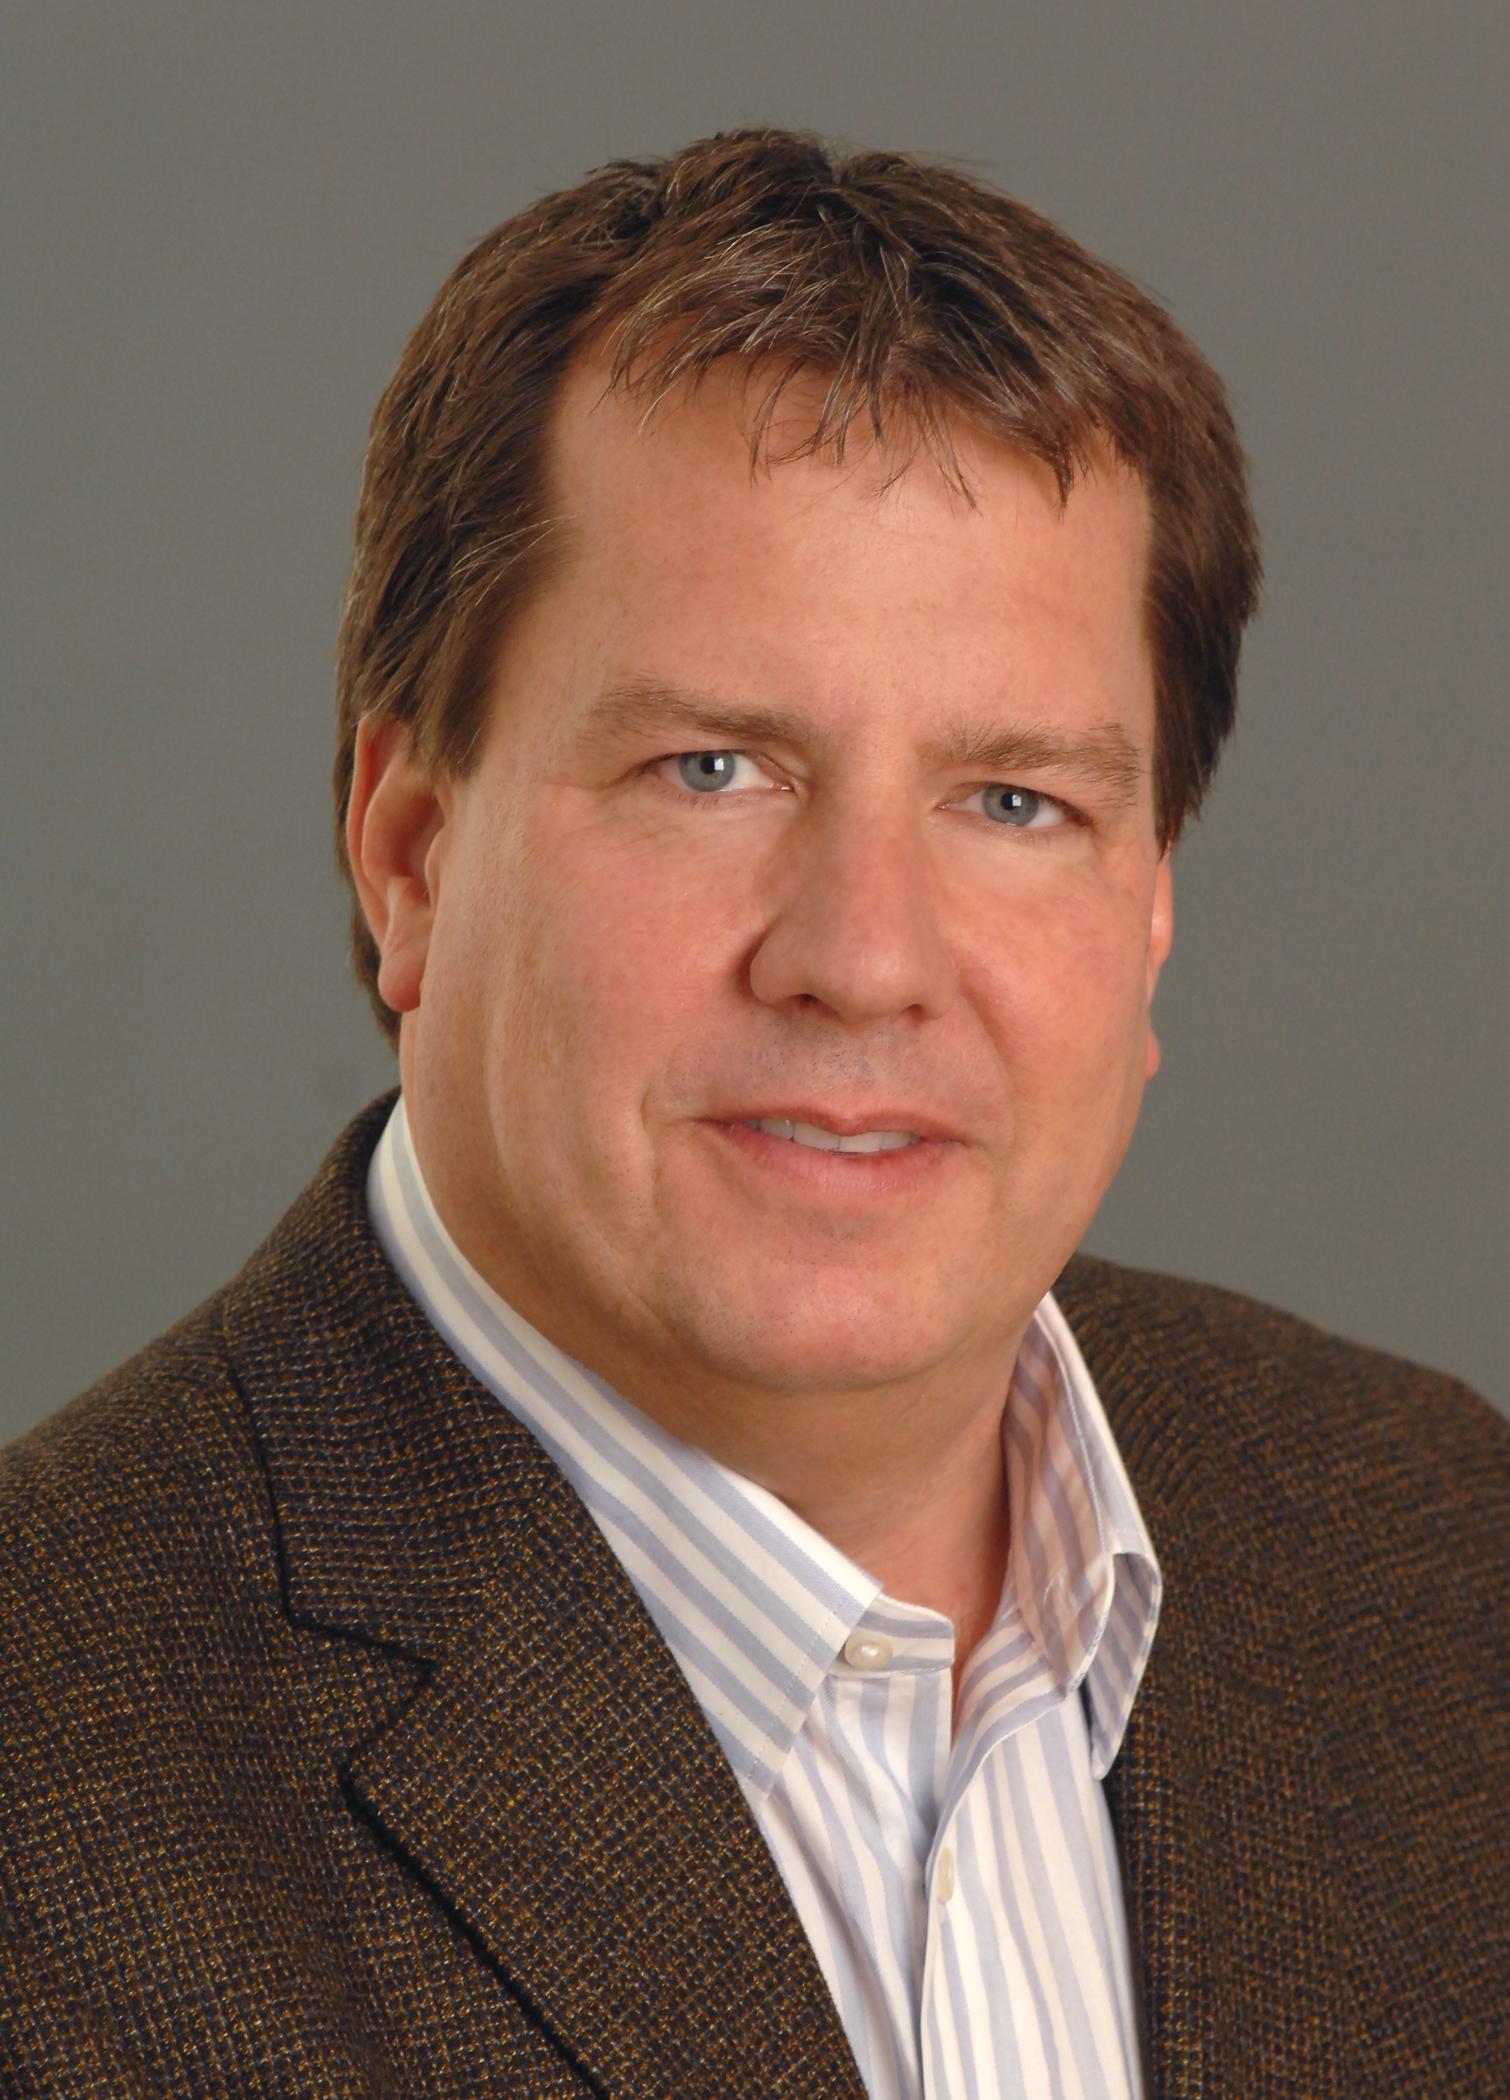 David Hitz